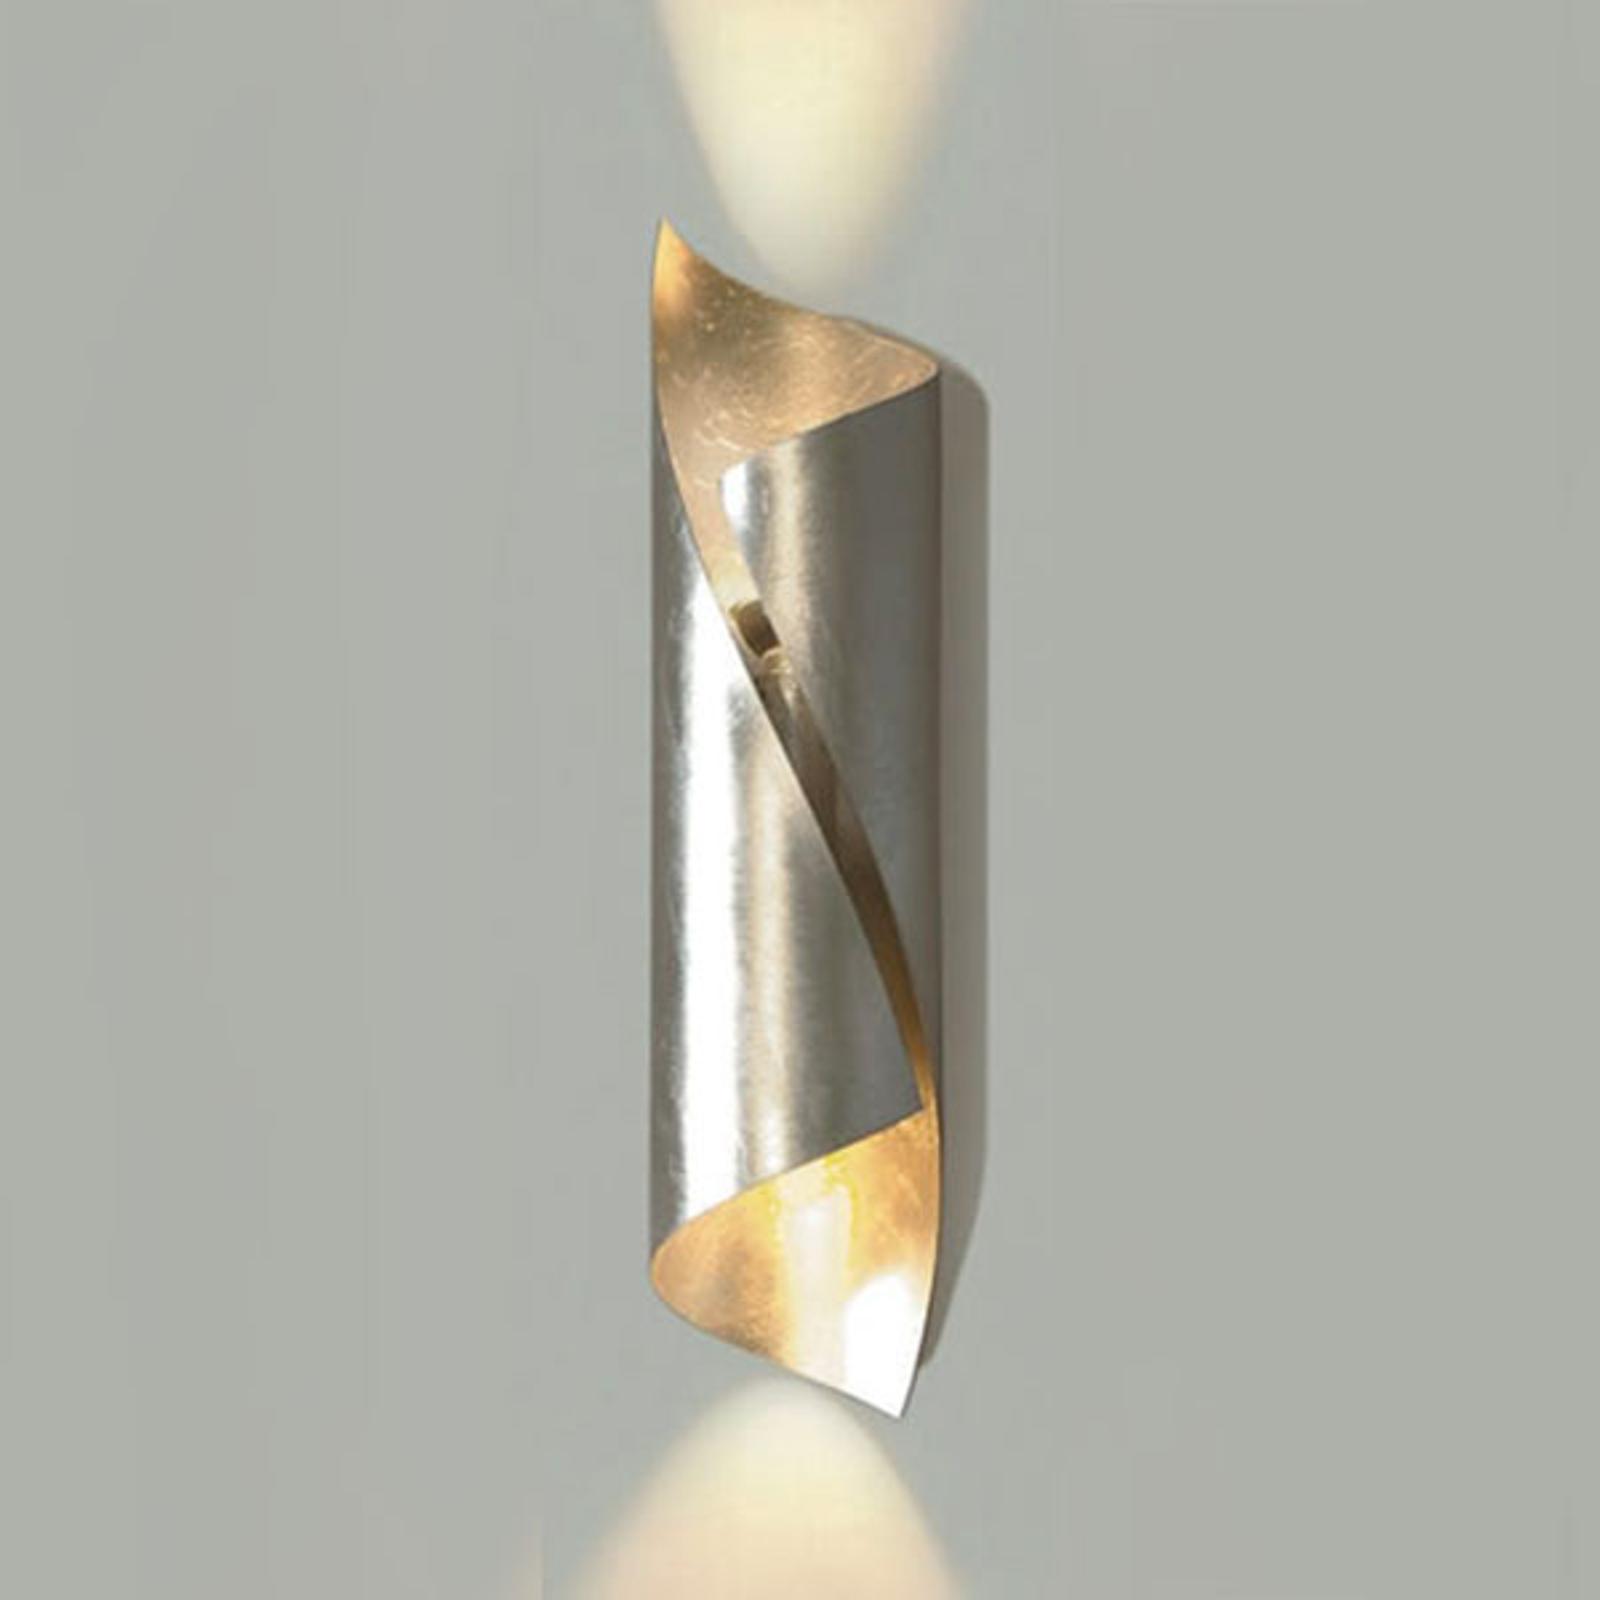 Knikerboker Hué wandlamp hoogte 54 cm bladzilver